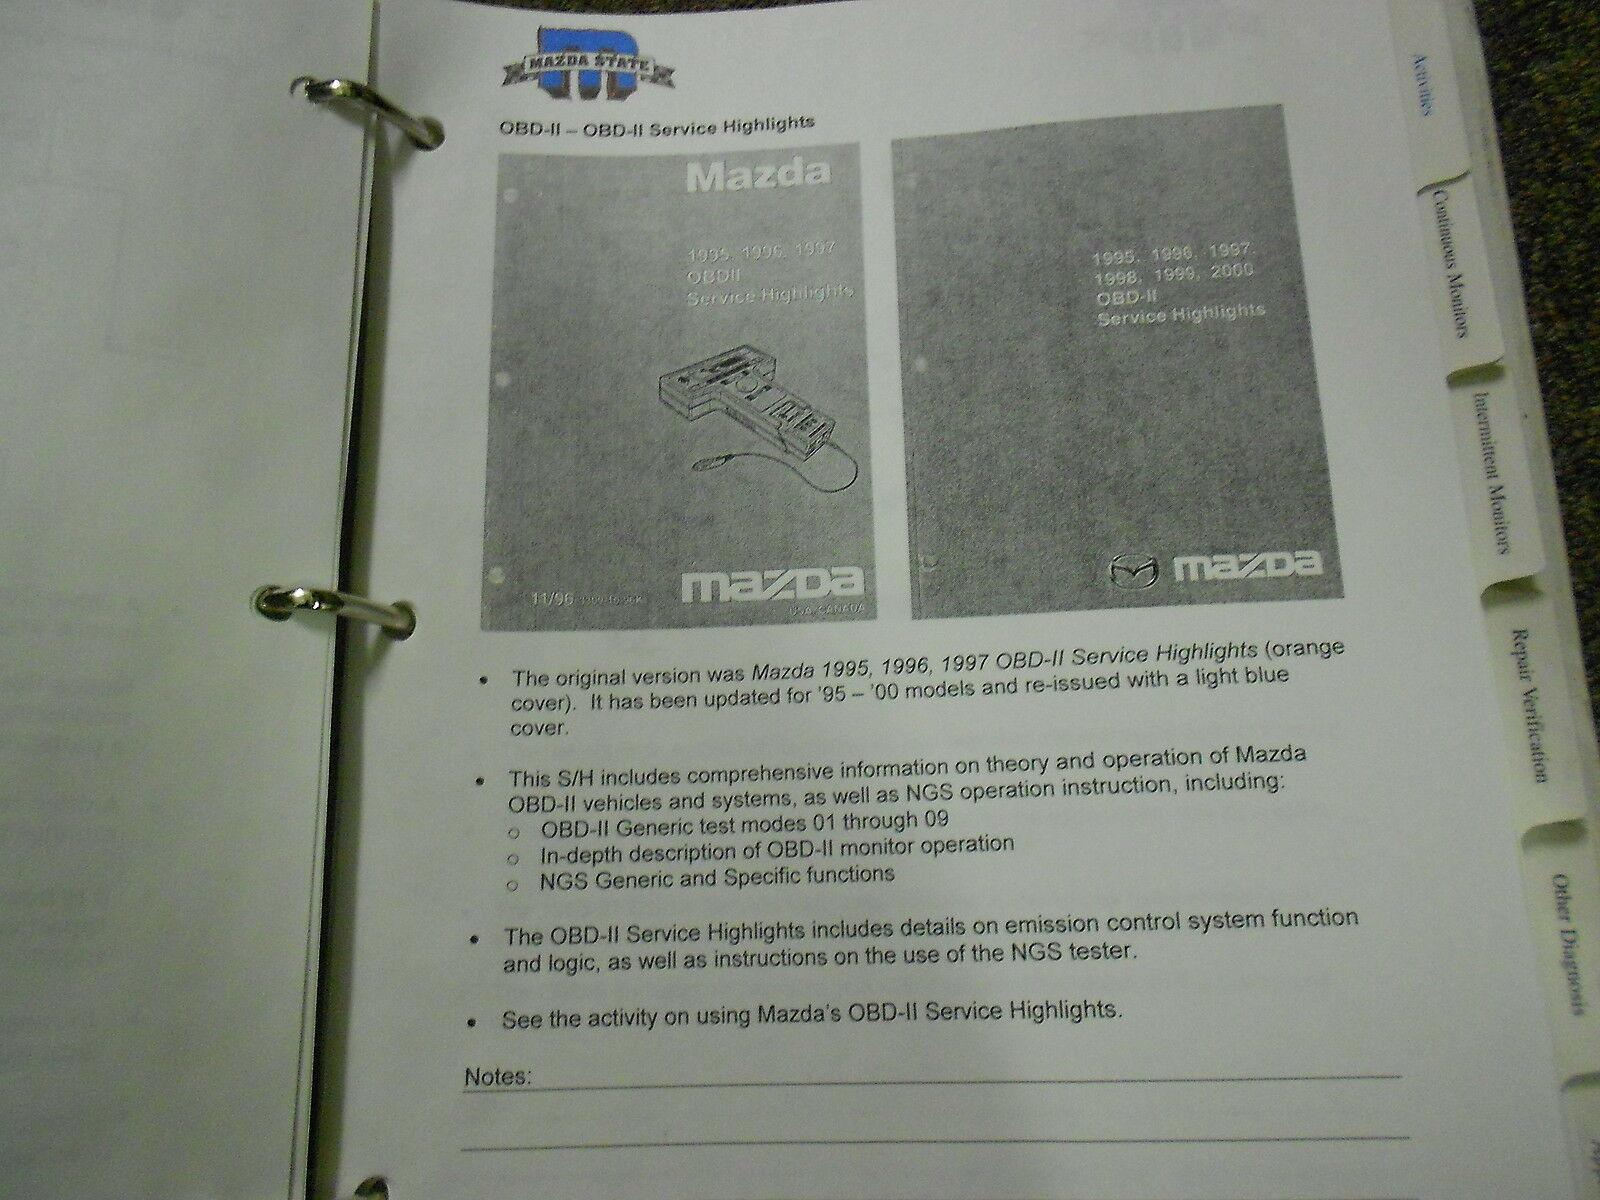 2003 Mazda Fortgeschrittene Benzin und Emissionen Service Reparatur Shop Manuell